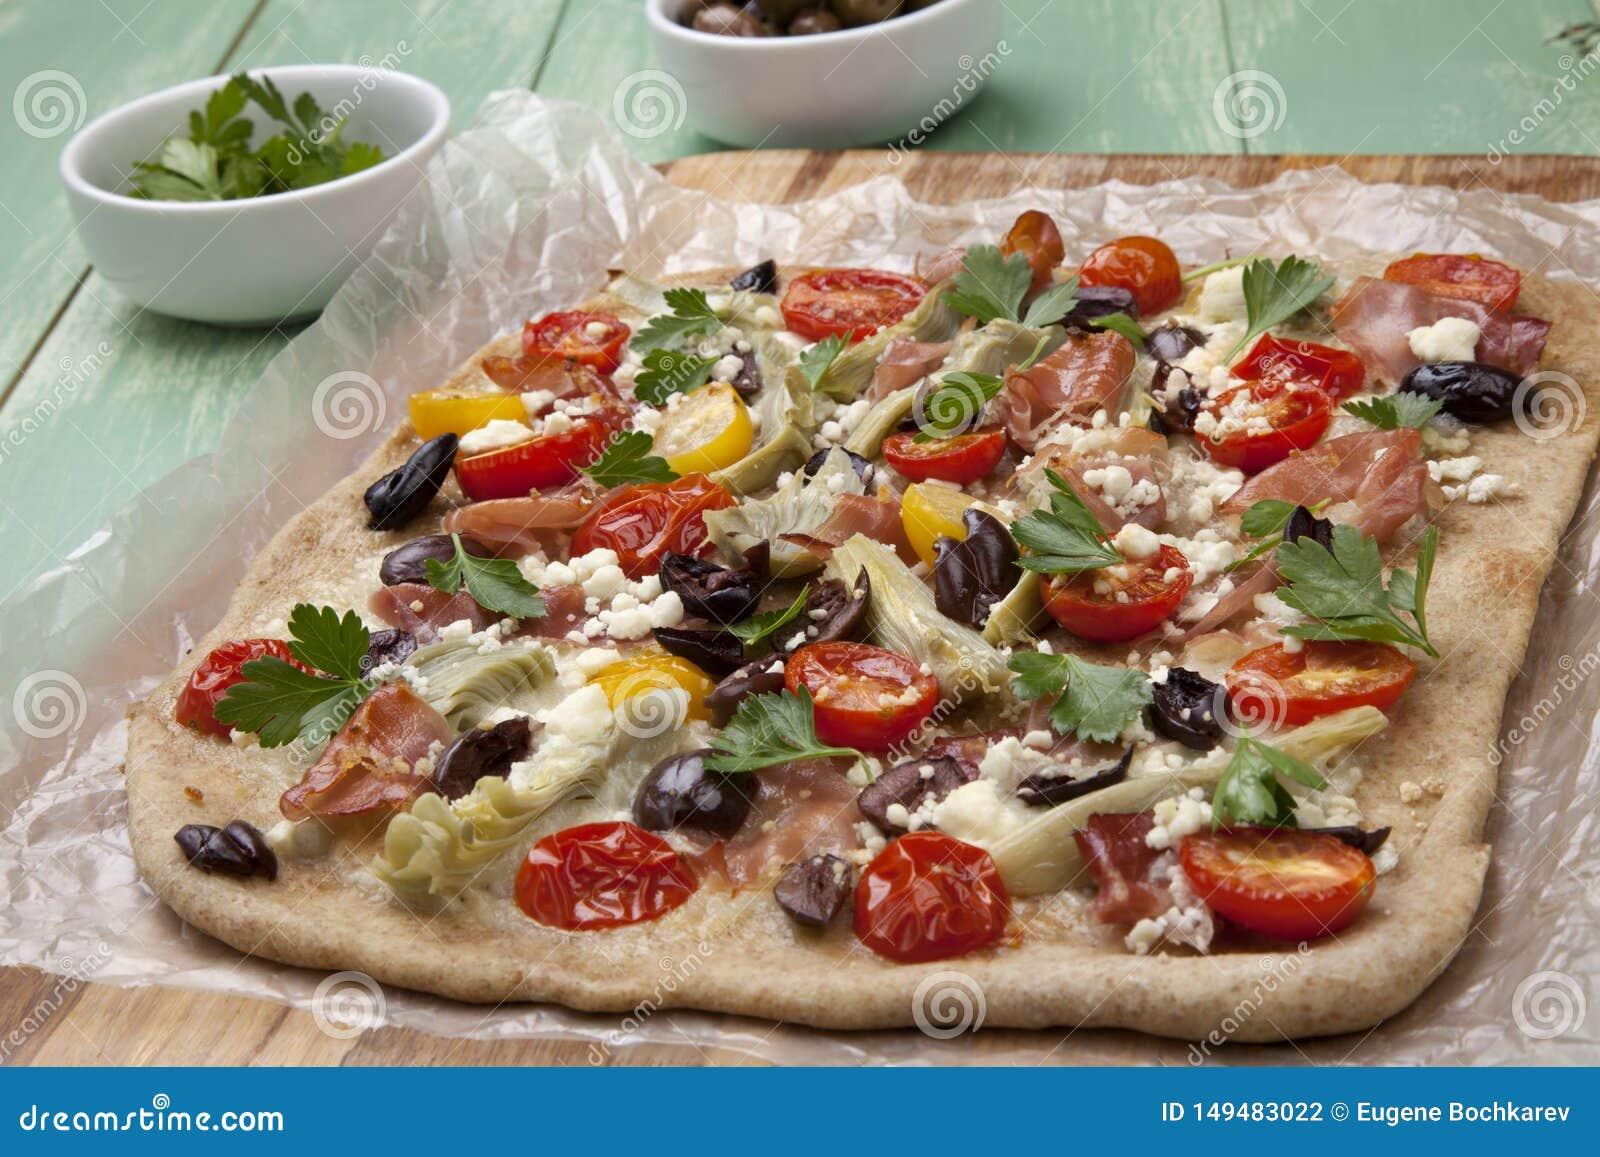 Home Made Mediterranean Prosciutto Flatbread